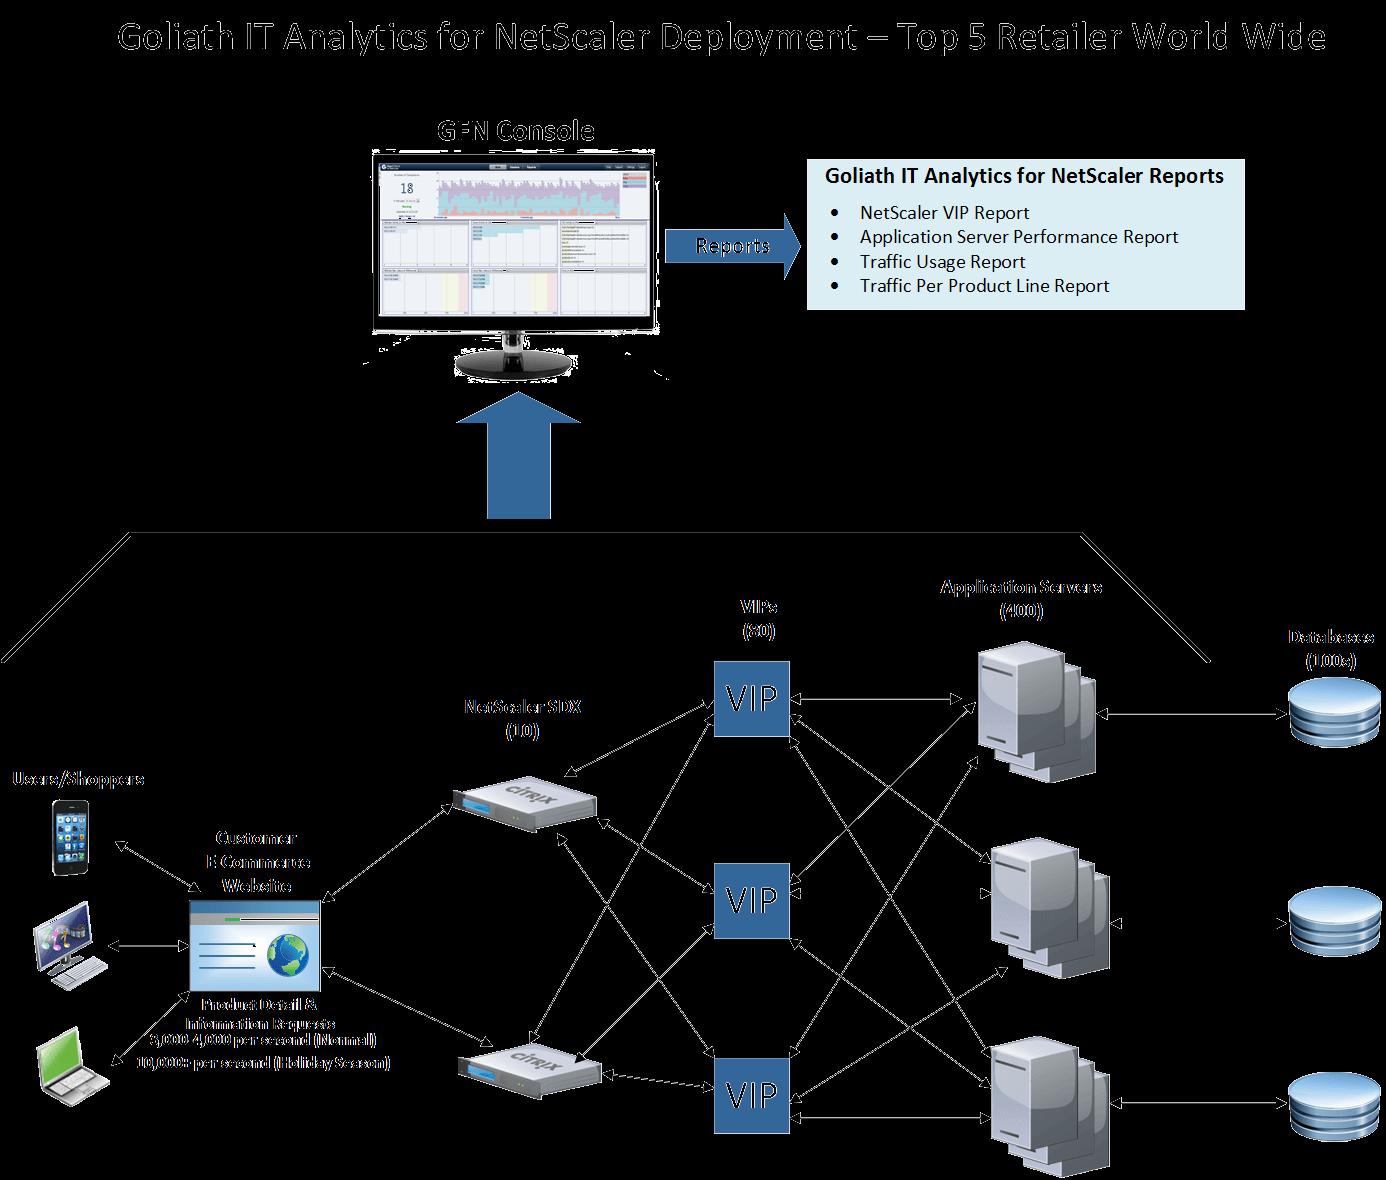 NetScaler Monitoring from Goliath Tech